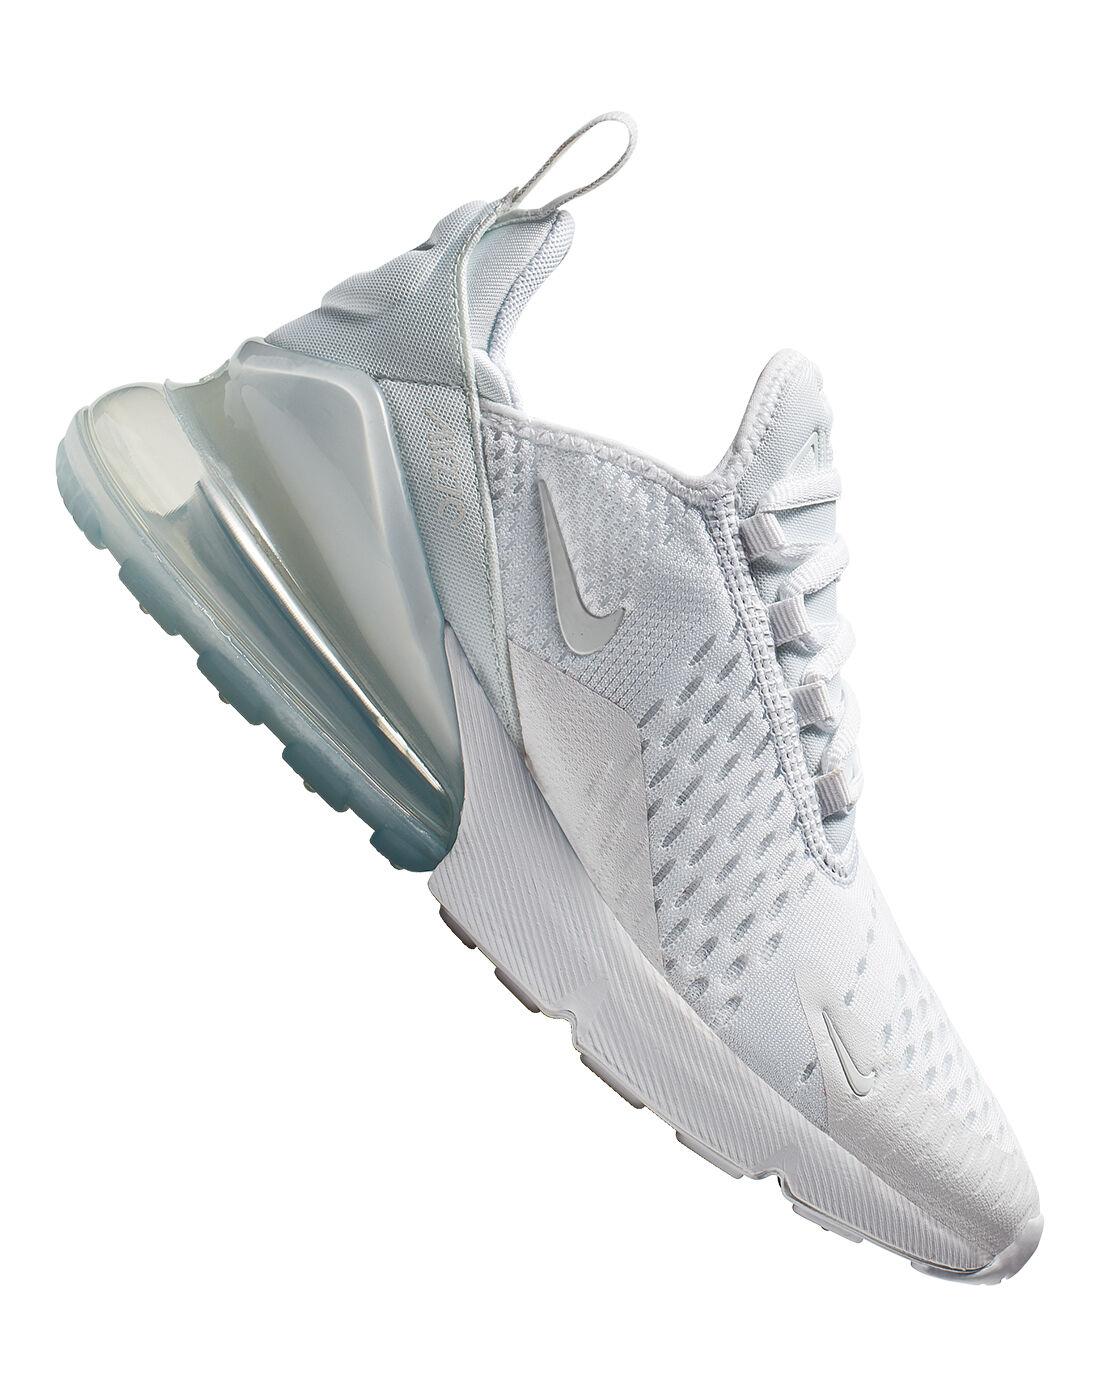 Kid's Triple White Nike Air Max 270